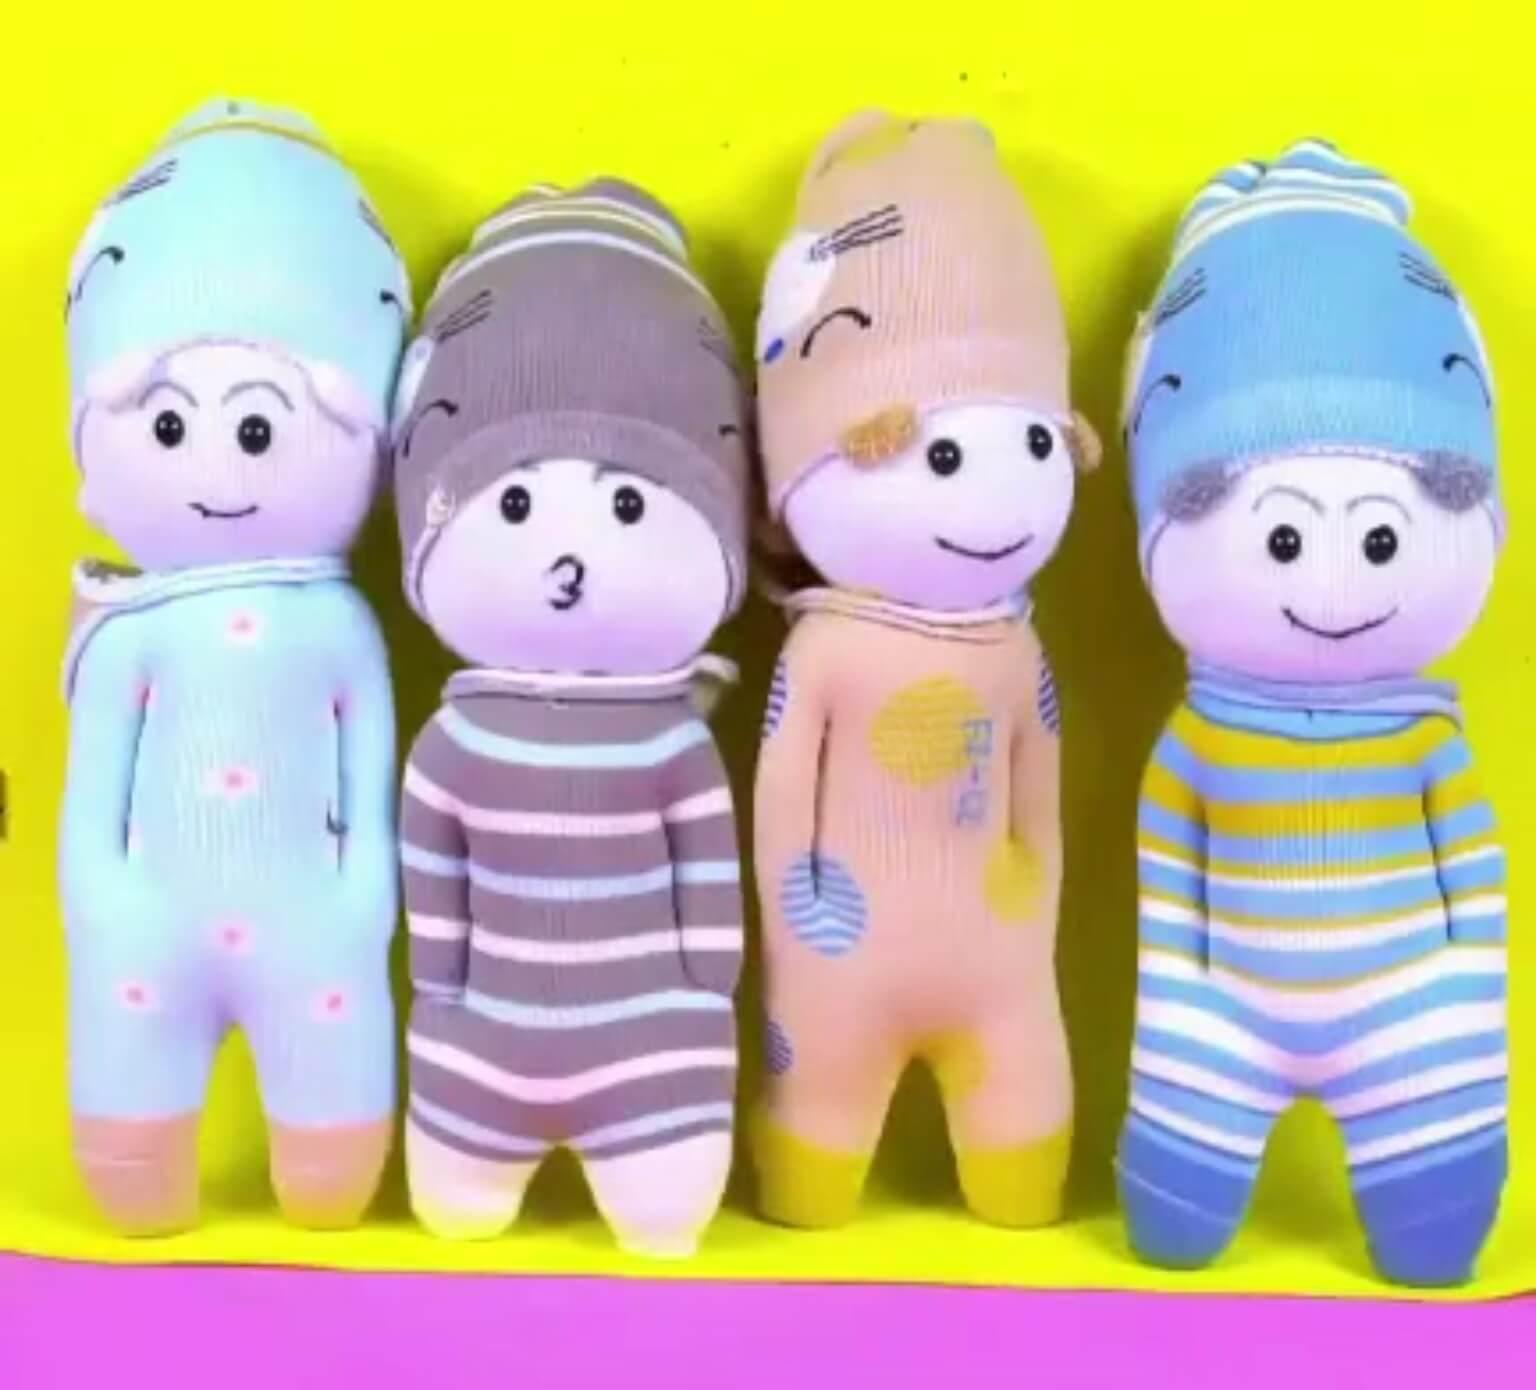 آموزش درست کردن عروسک های خوشگل با جورابهای کهنه برای کودکان